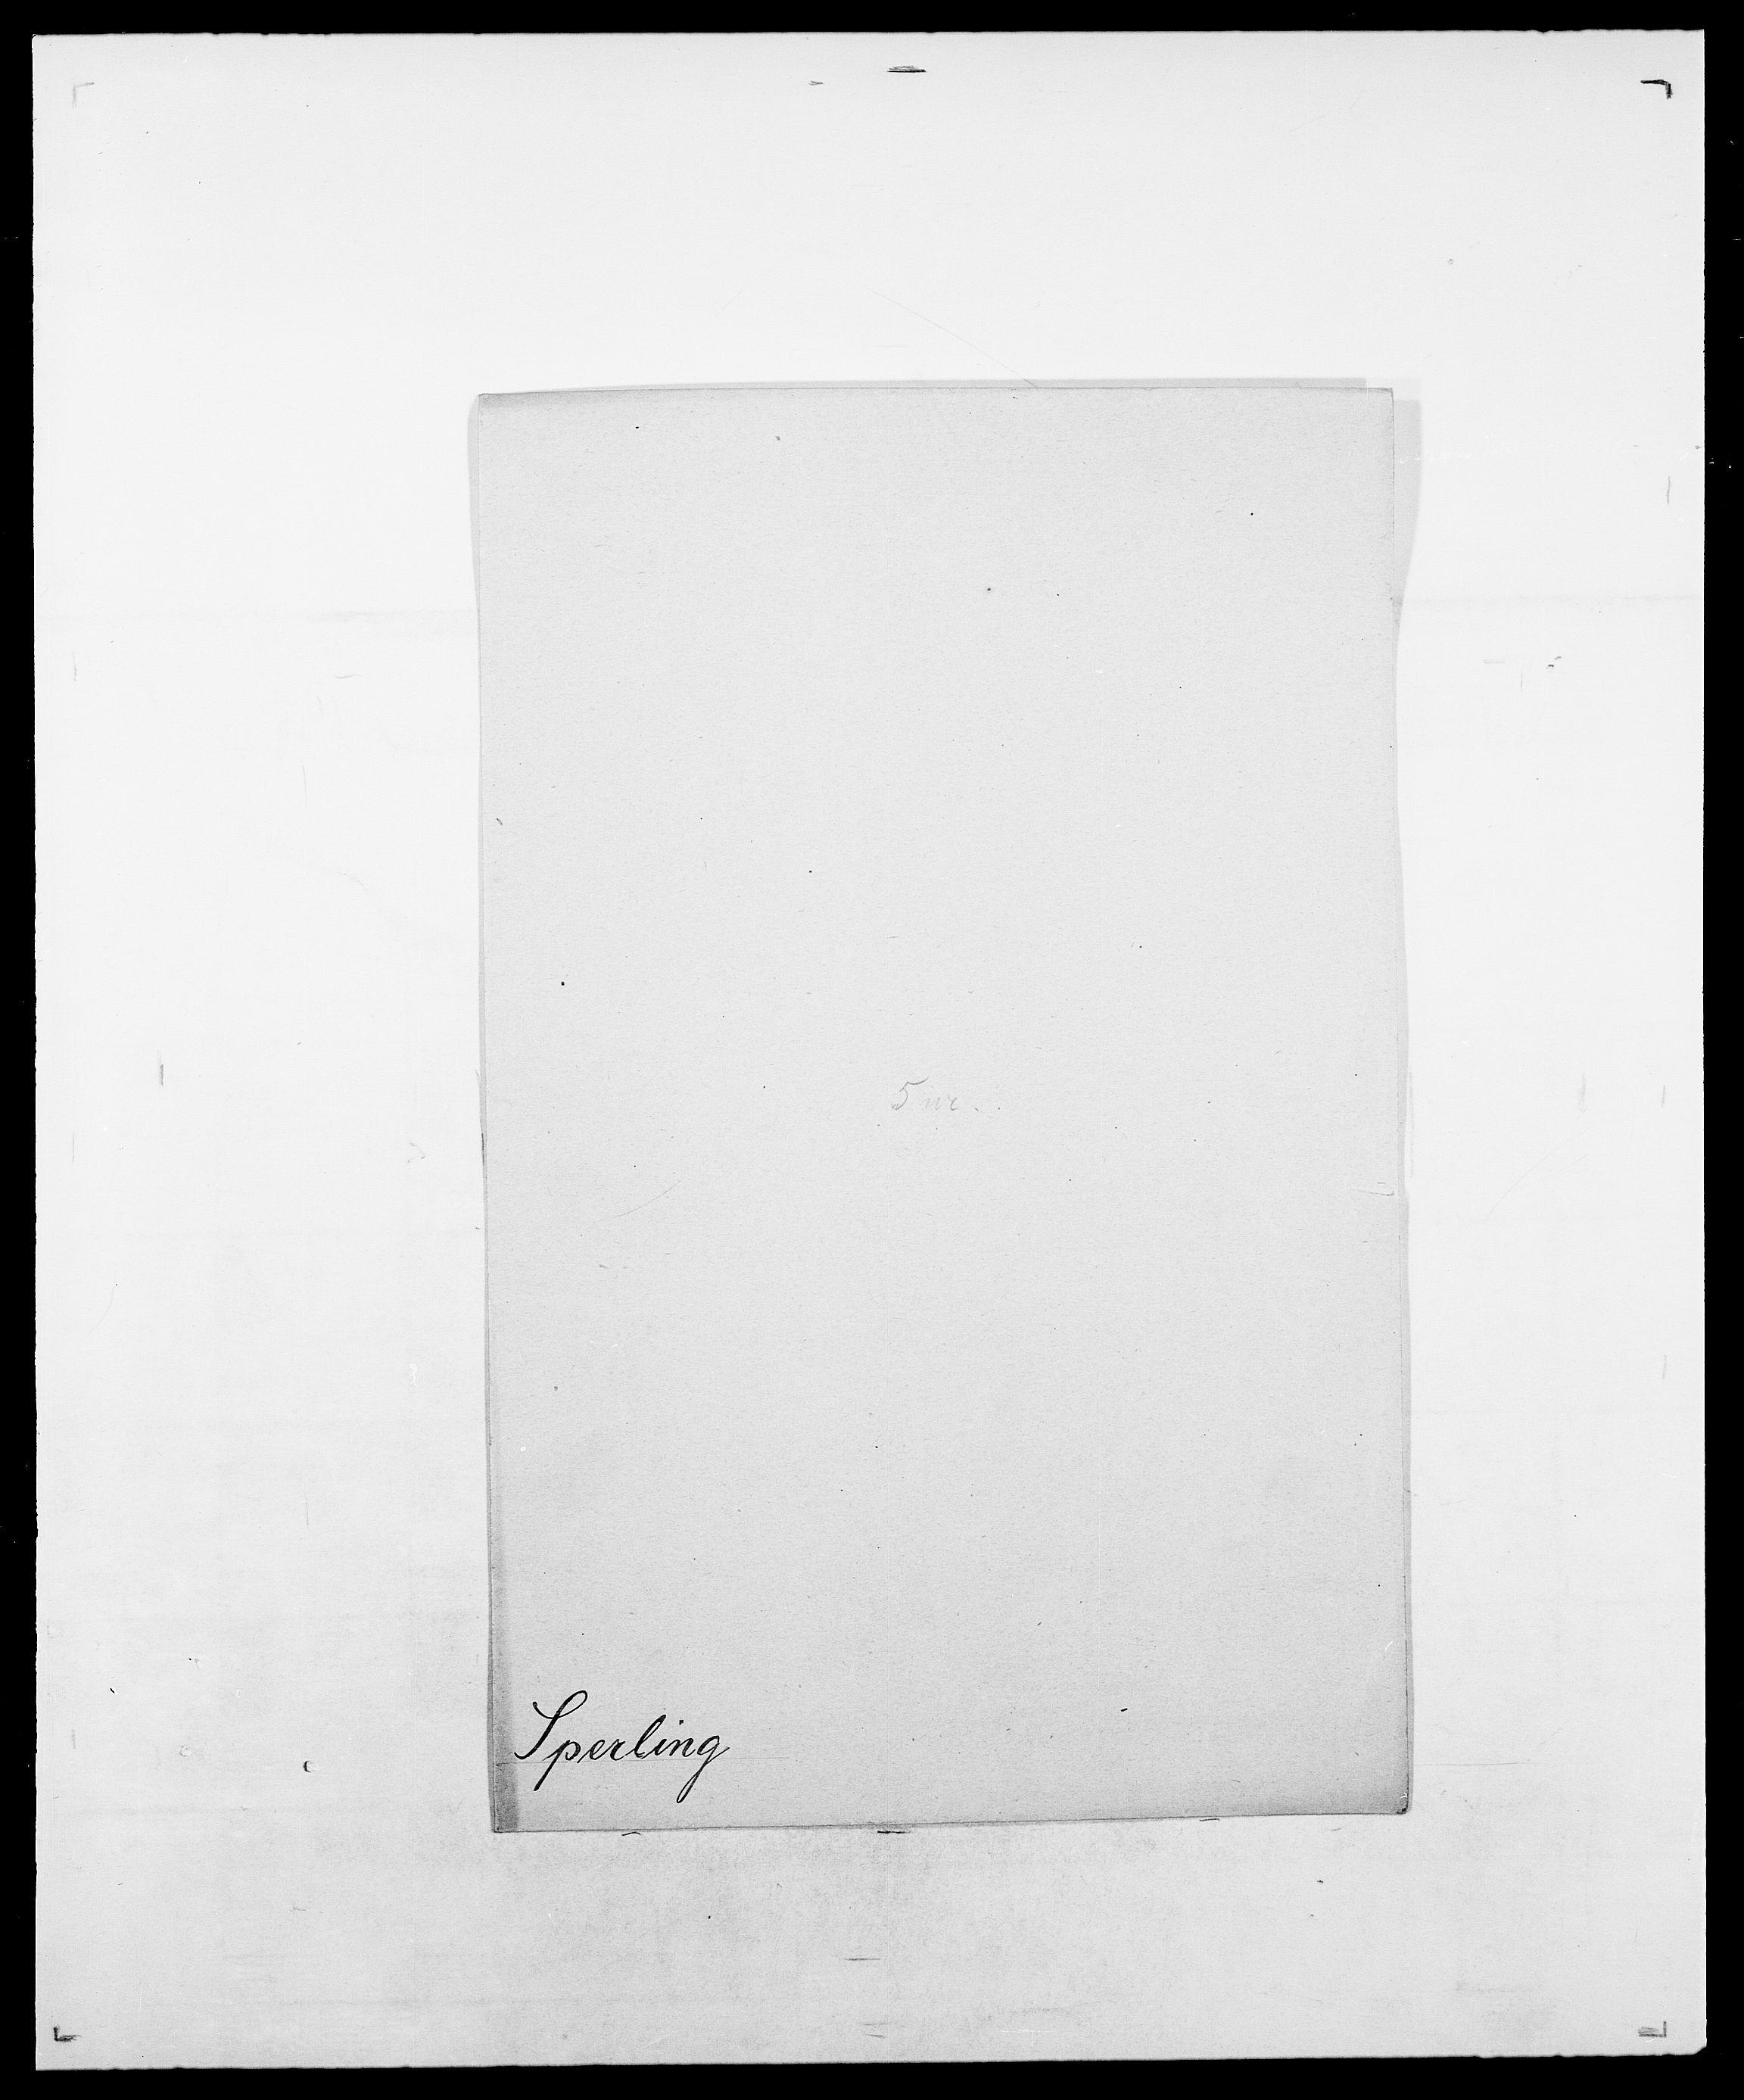 SAO, Delgobe, Charles Antoine - samling, D/Da/L0036: Skaanør - Staverskov, s. 541